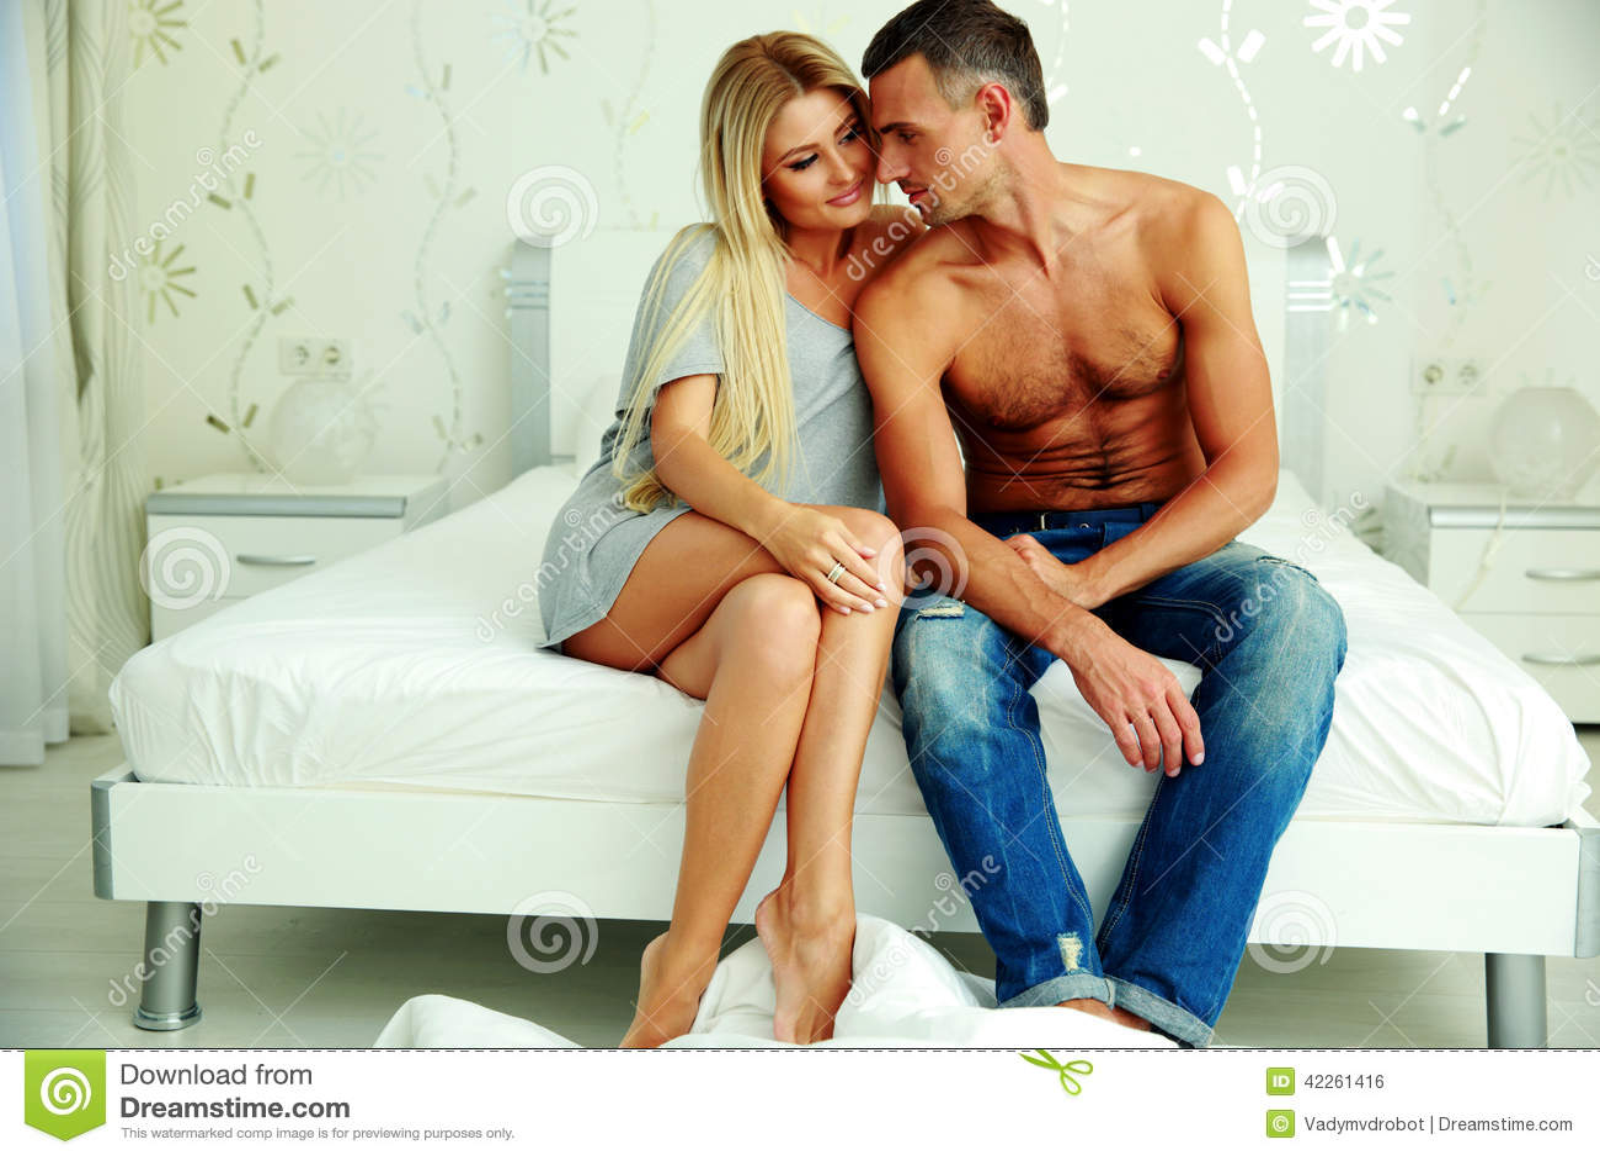 vozrast-i-seksualnost-muzhchini